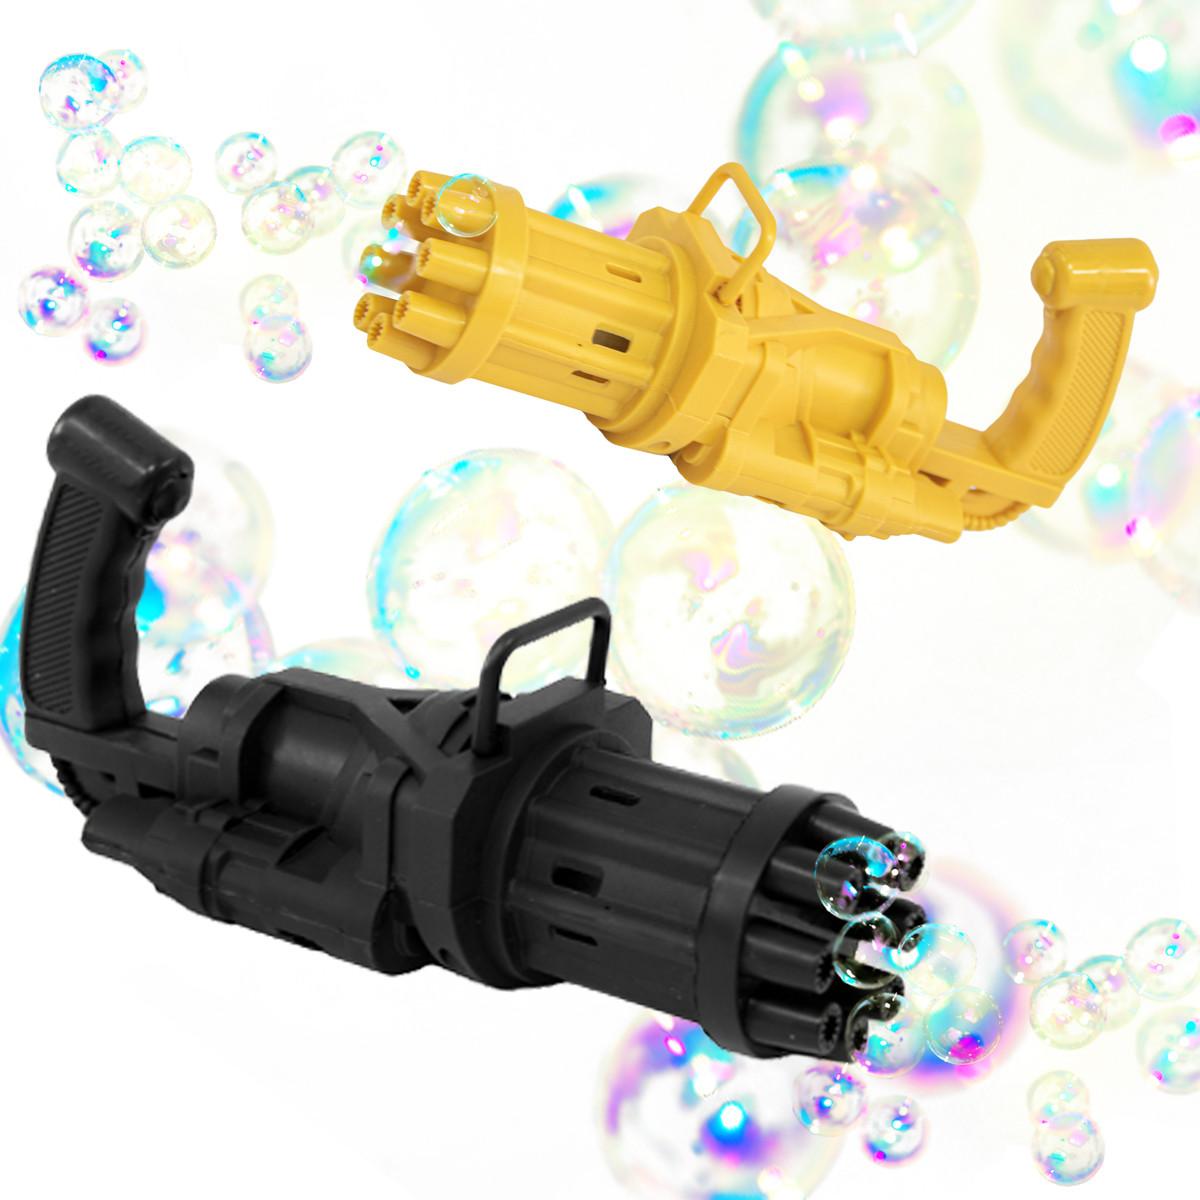 Автоматичні мильні бульбашки Bubble machine, Чорний кулемет машинка для мильних бульбашок (пузыремет)